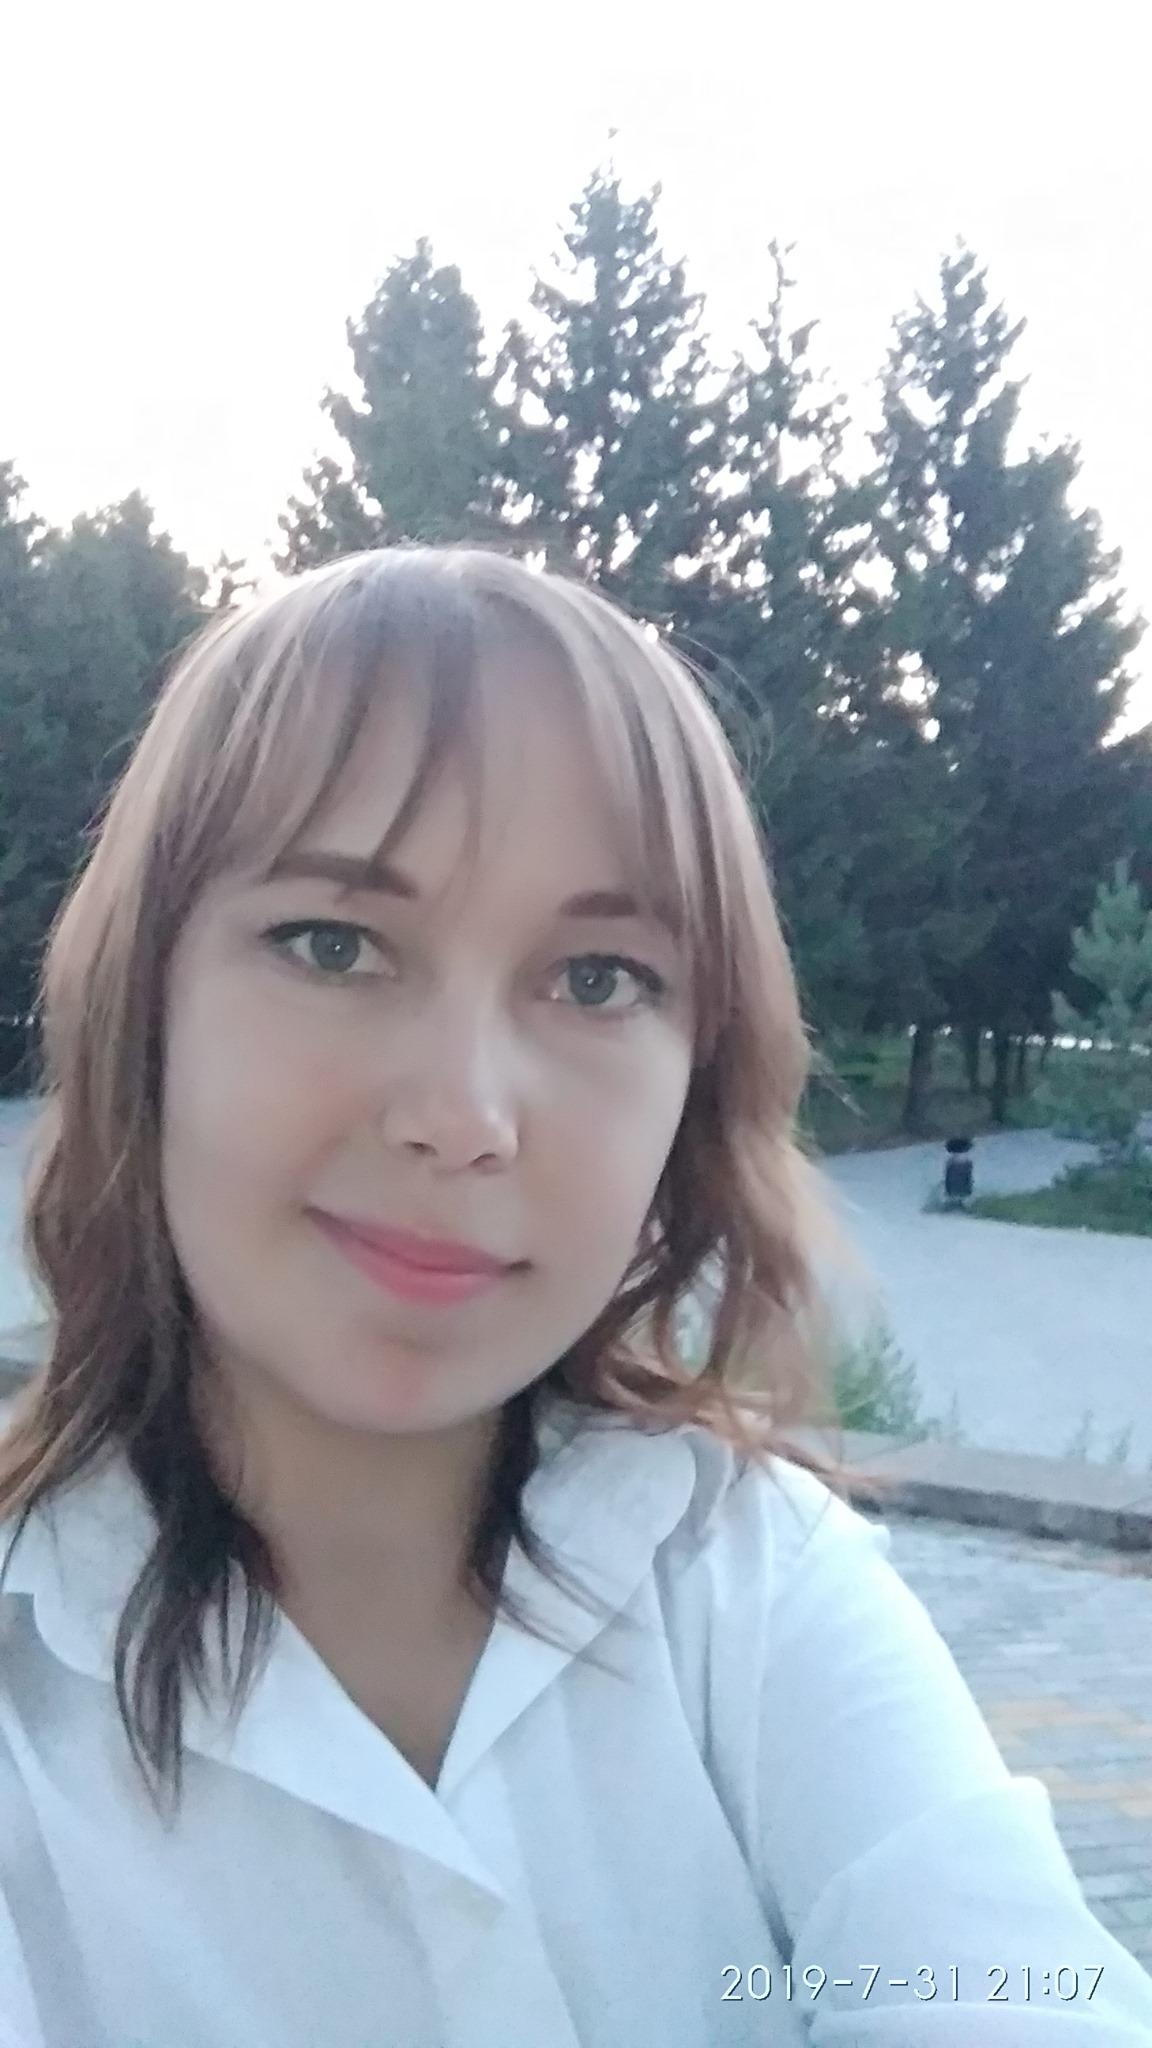 «Іринки більше немає…»: збір коштів для хмільничанки Ірини Фисюк зупинено – дівчина померла, не дочекавшись трансплантації